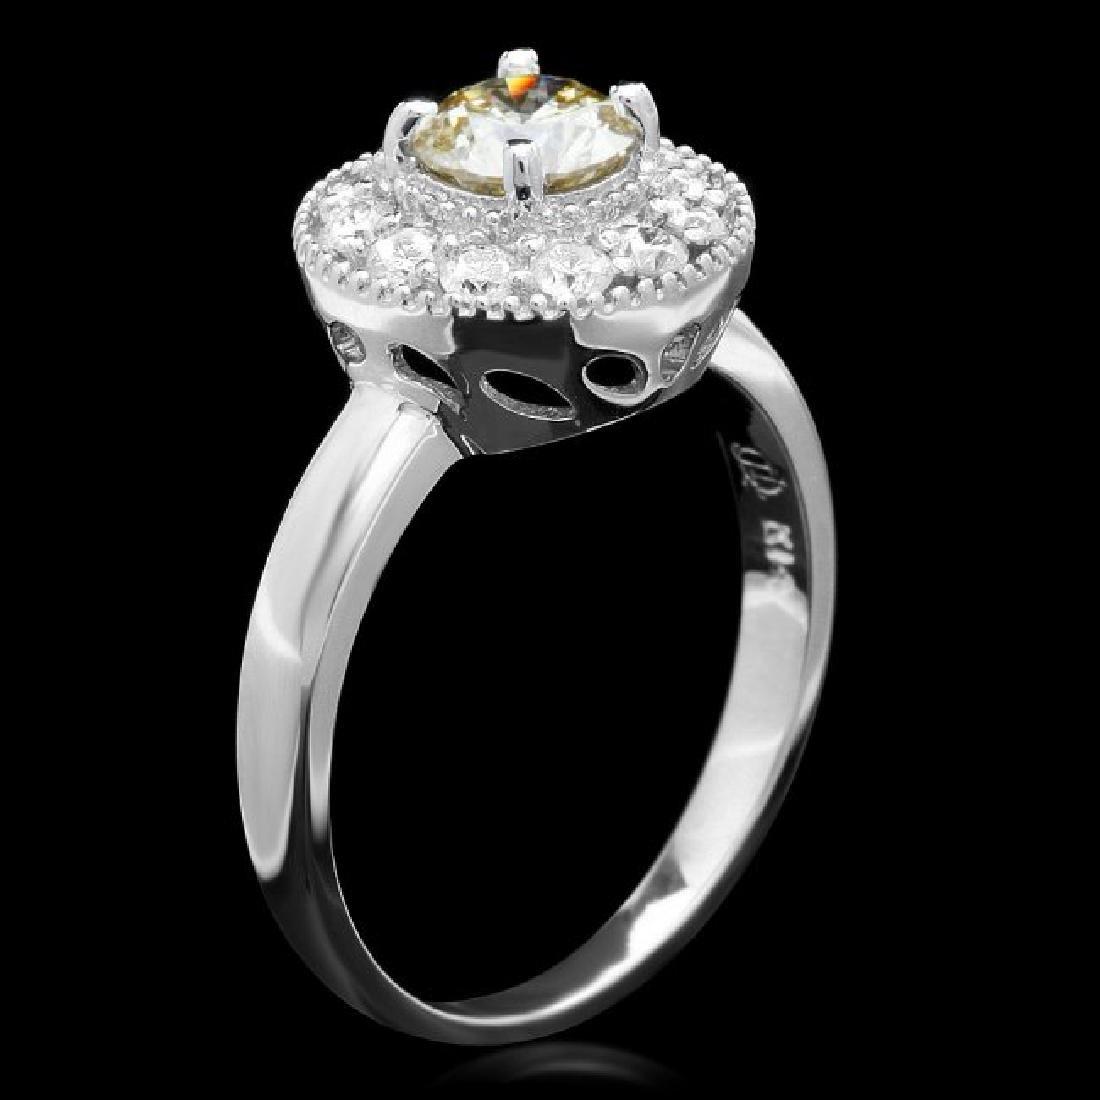 14k White Gold 1.05ct Diamond Ring - 2